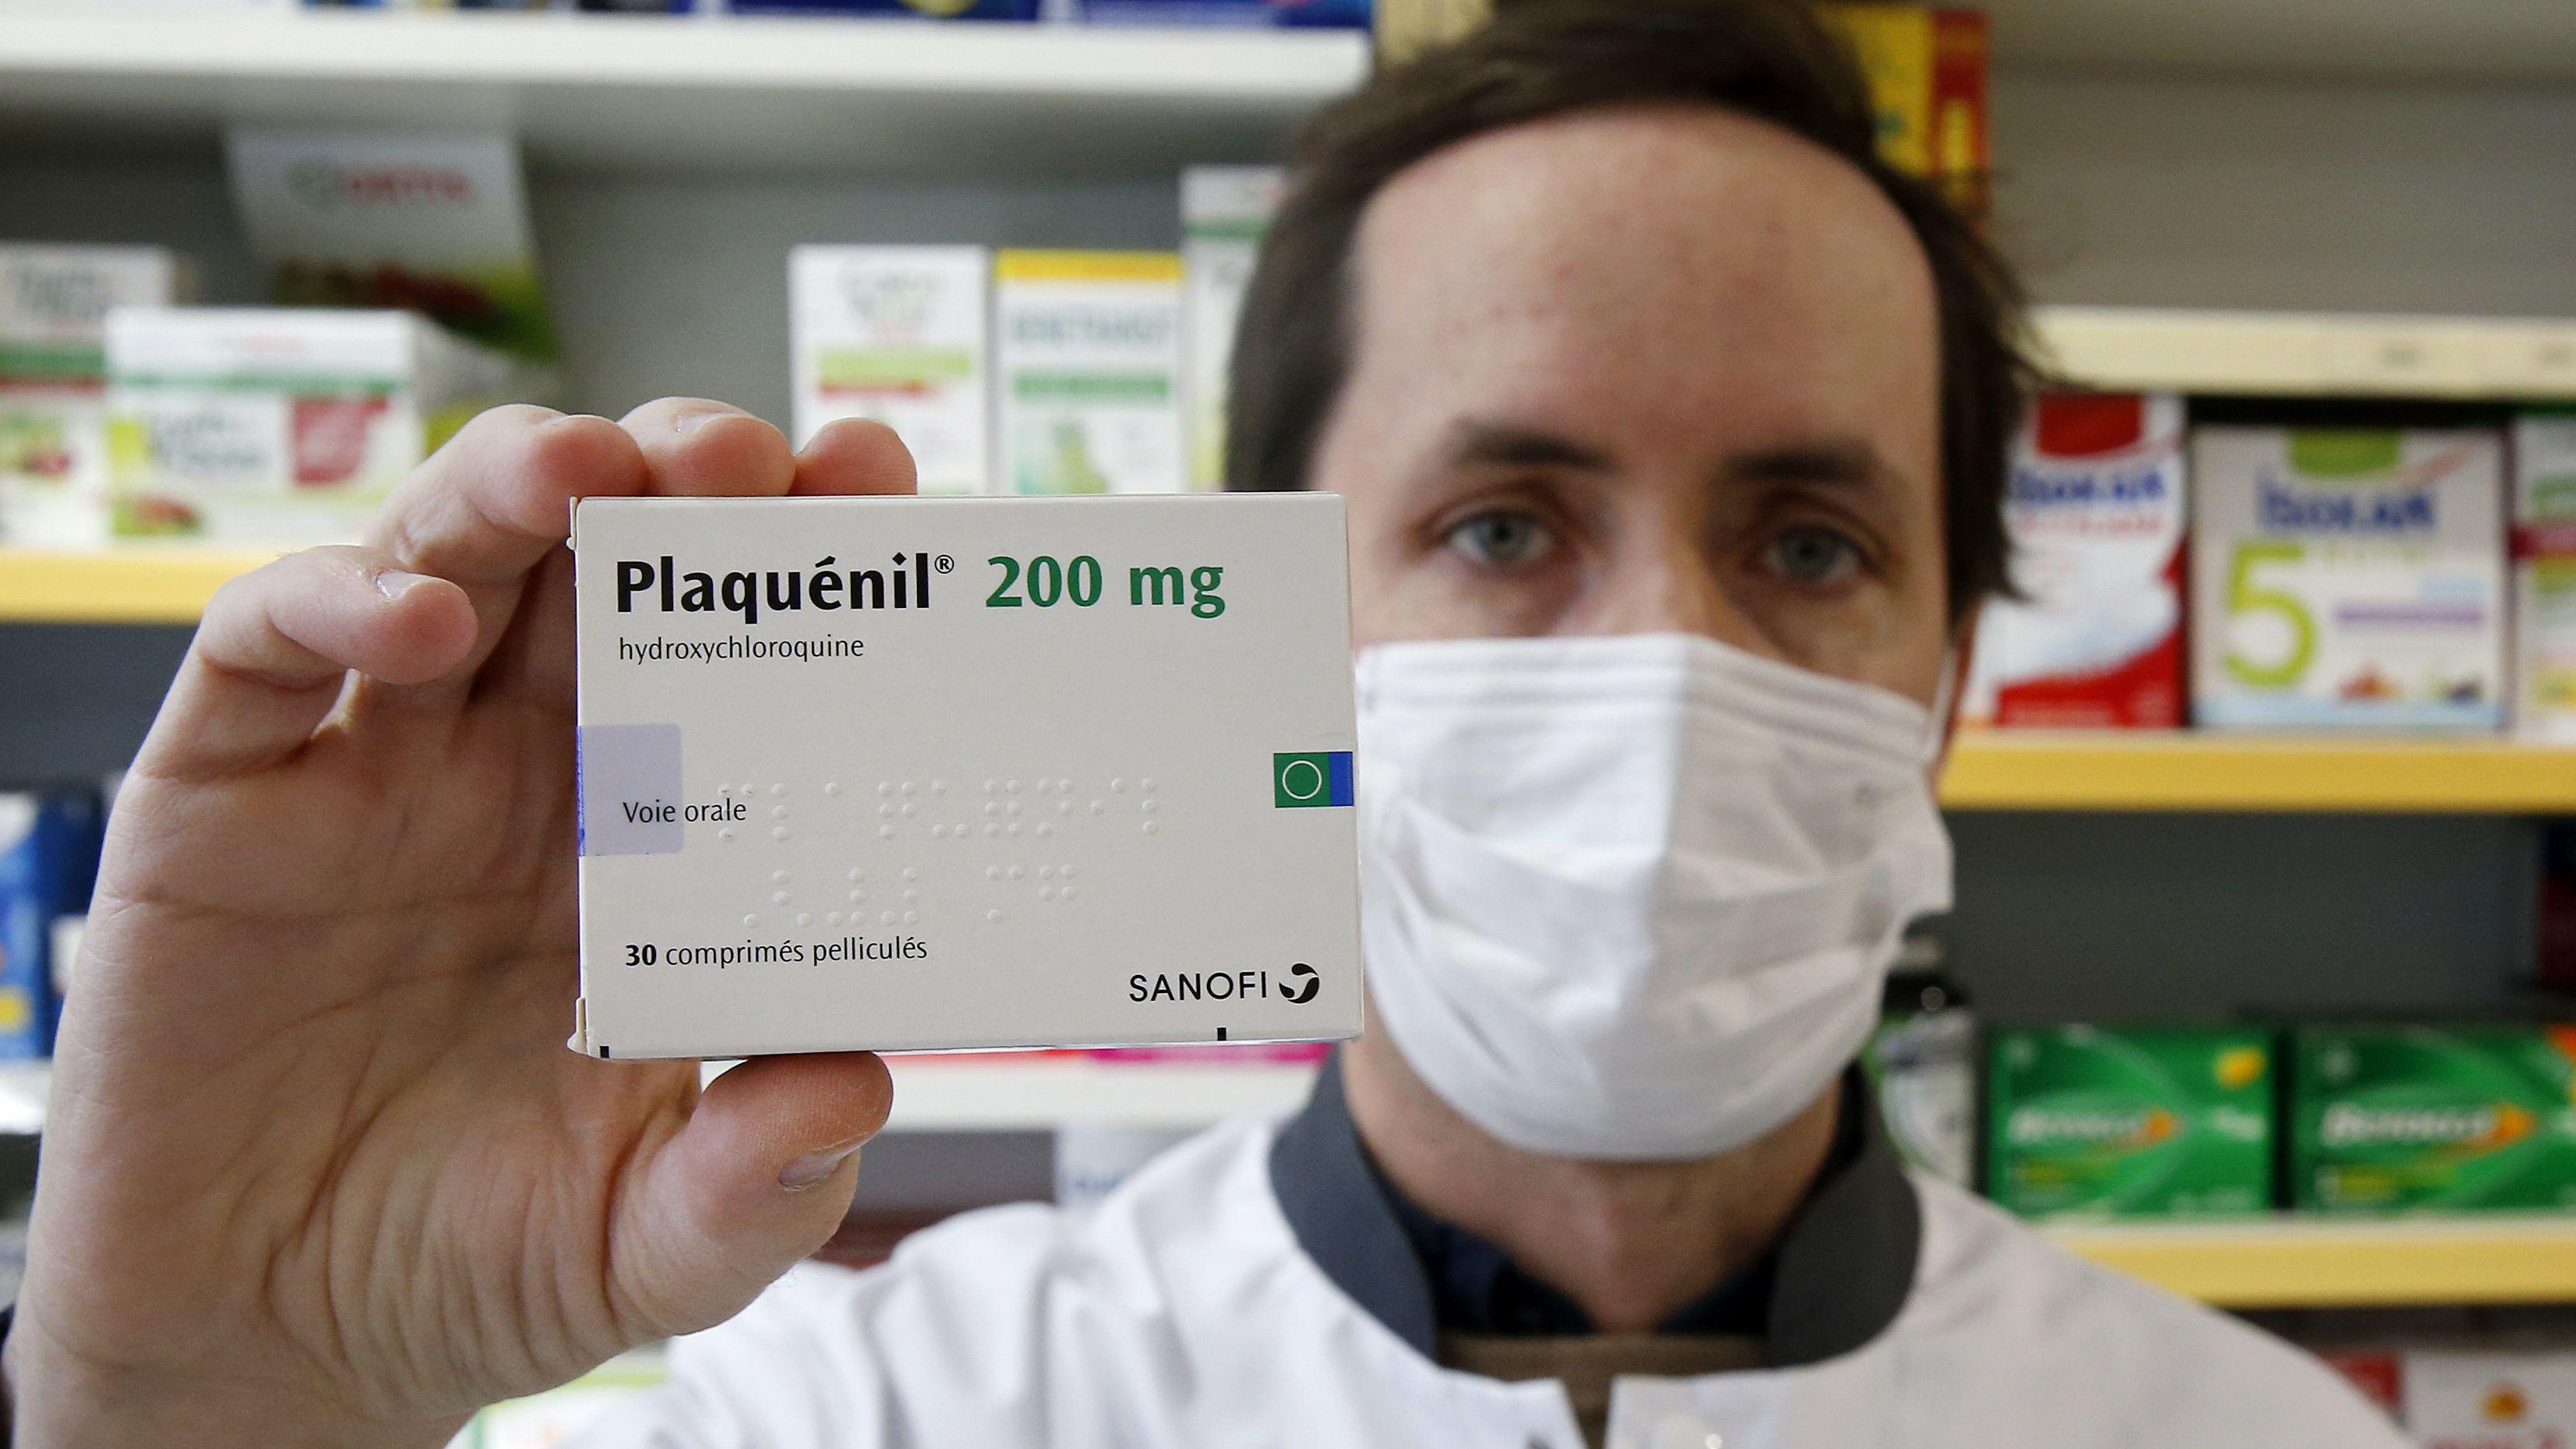 Német gyógyszer pikkelysömörhöz pikkelysömör jelei népi gyógymódok